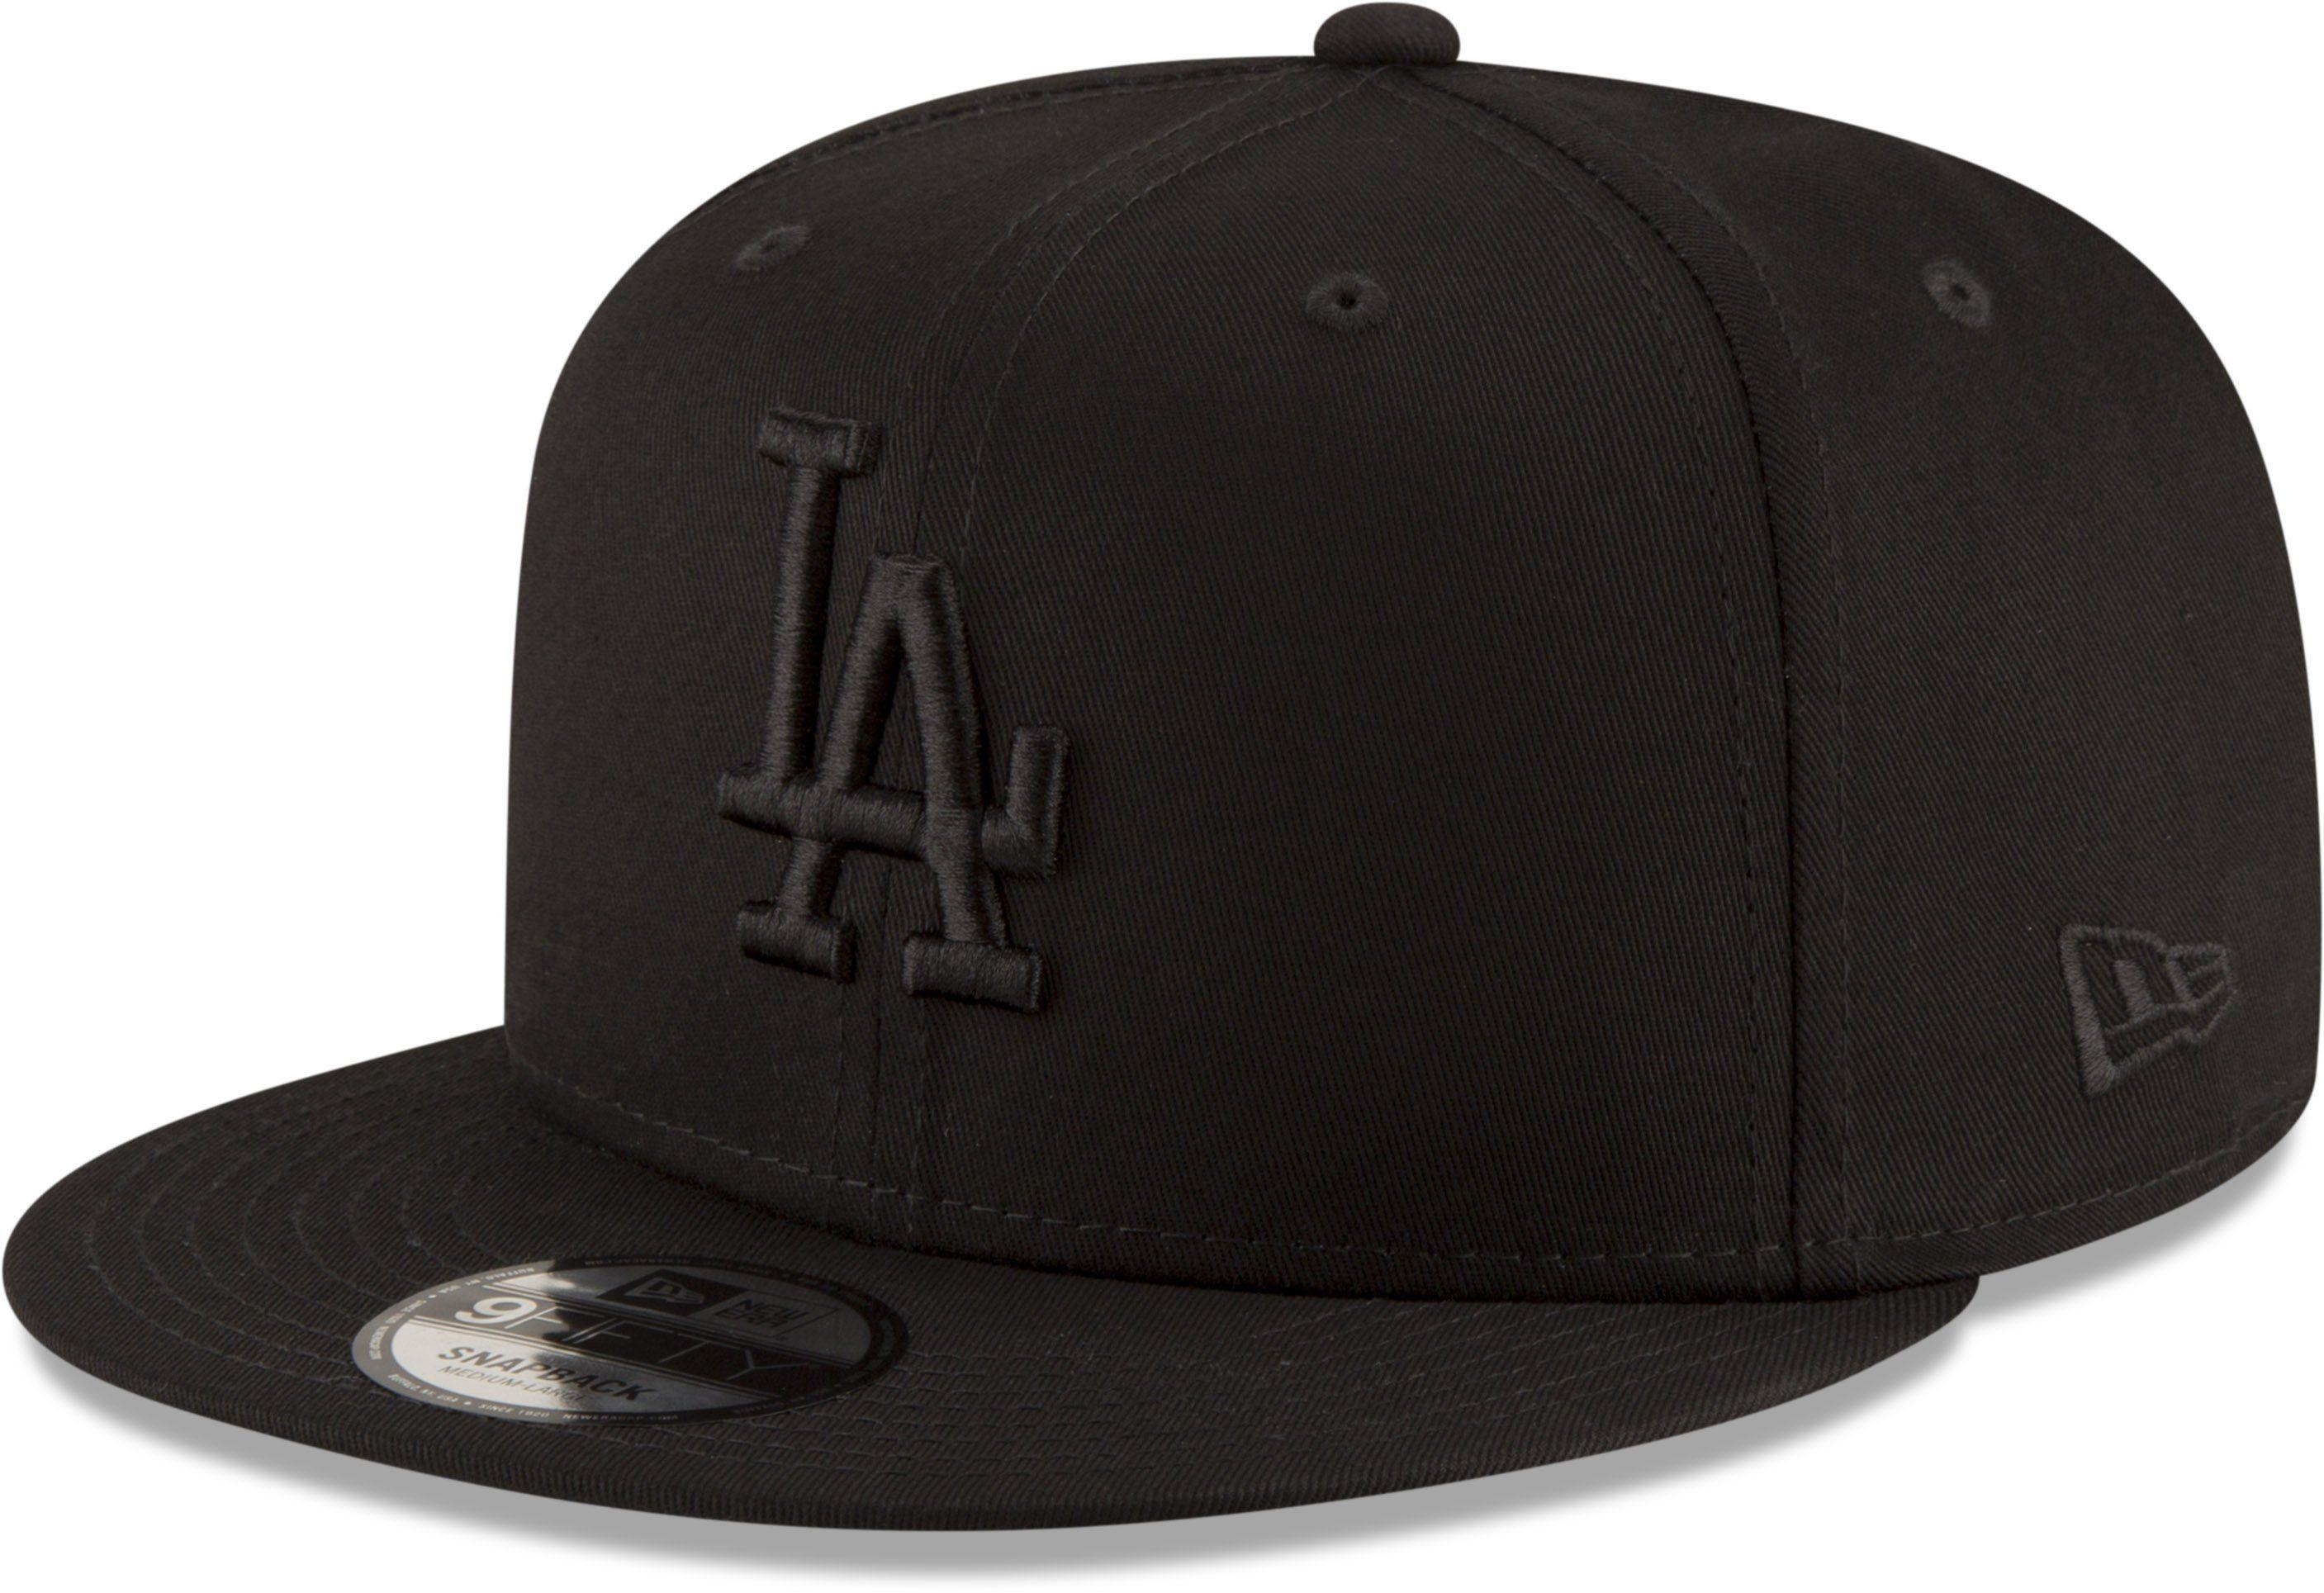 LA Dodgers New Era 950 League Essential Black Snapback Baseball Cap –  lovemycap a6ac8d733a0a